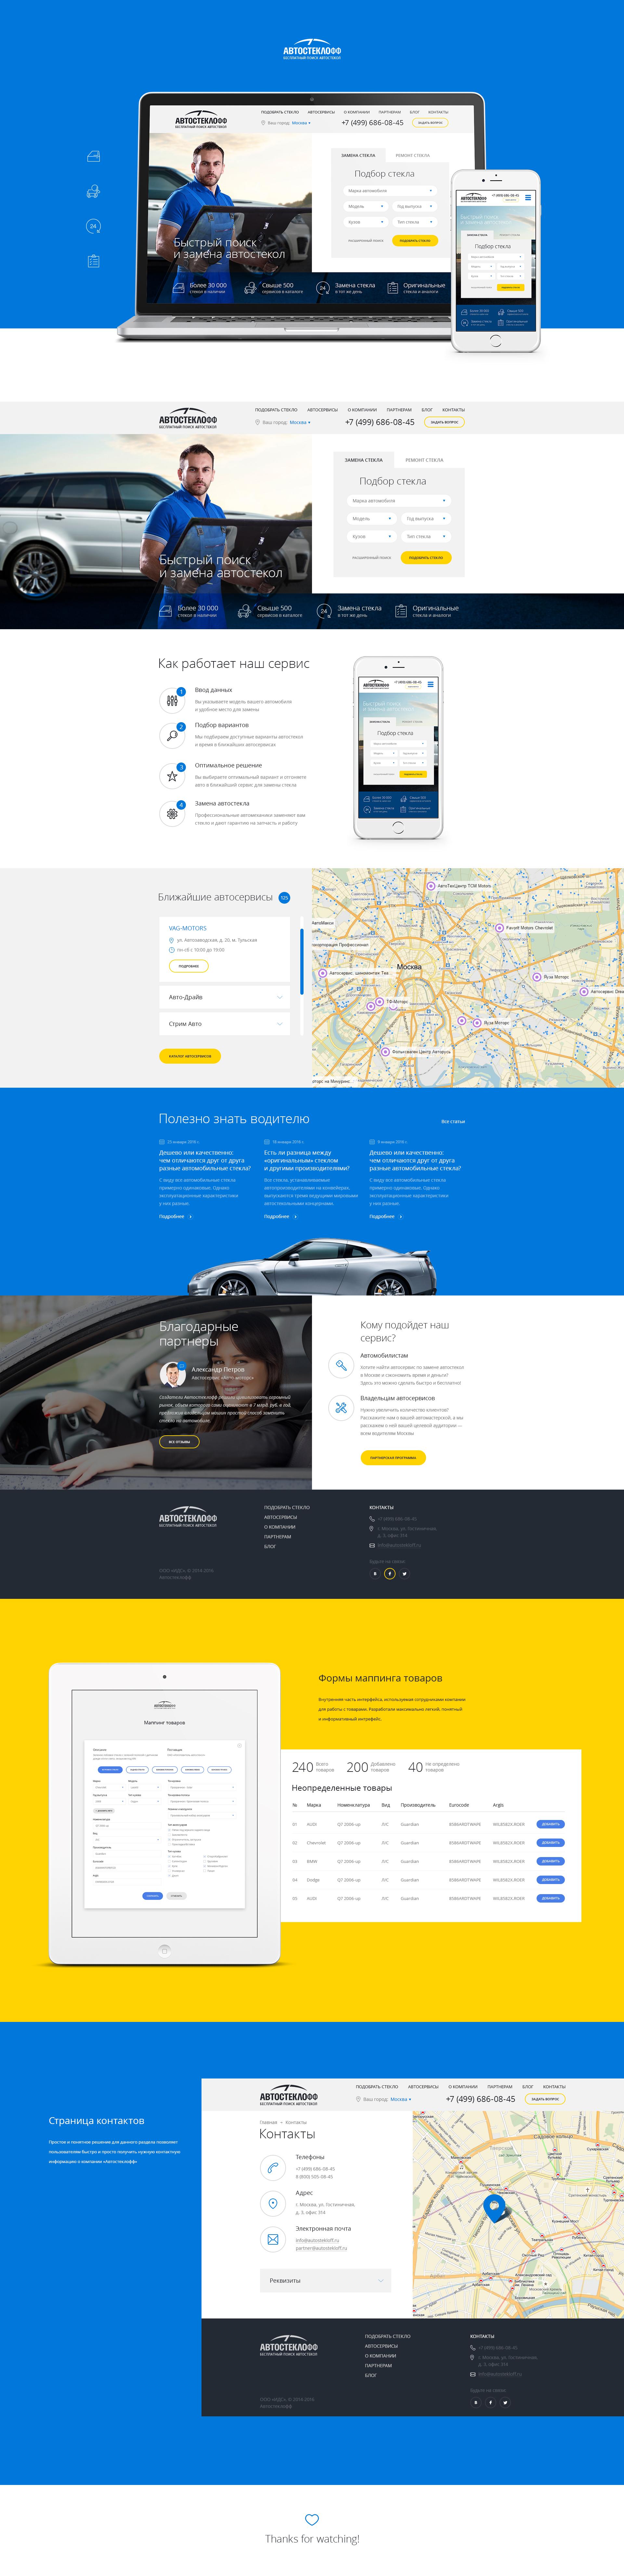 Автостеклофф — бесплатный поиск автостекол